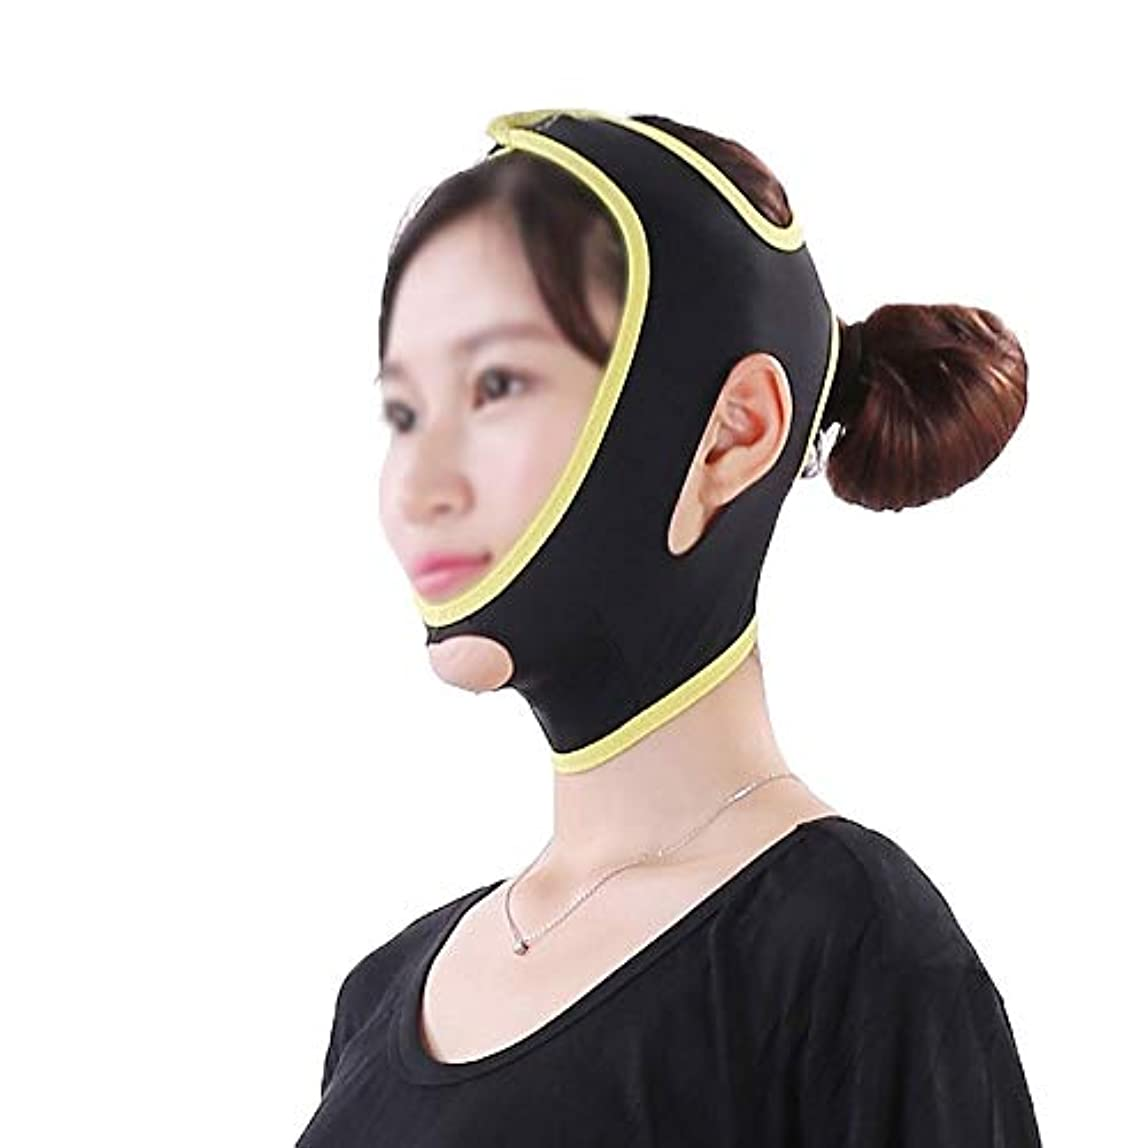 行正確な位置するTLMY フェイス&ネックリフトシンフェイスマスクパワフルマスクフェイスリフトアーチファクトフェイスリフトフェイスツールシンフェイス包帯シンフェイスマスク美容マスク 顔用整形マスク (Size : L)